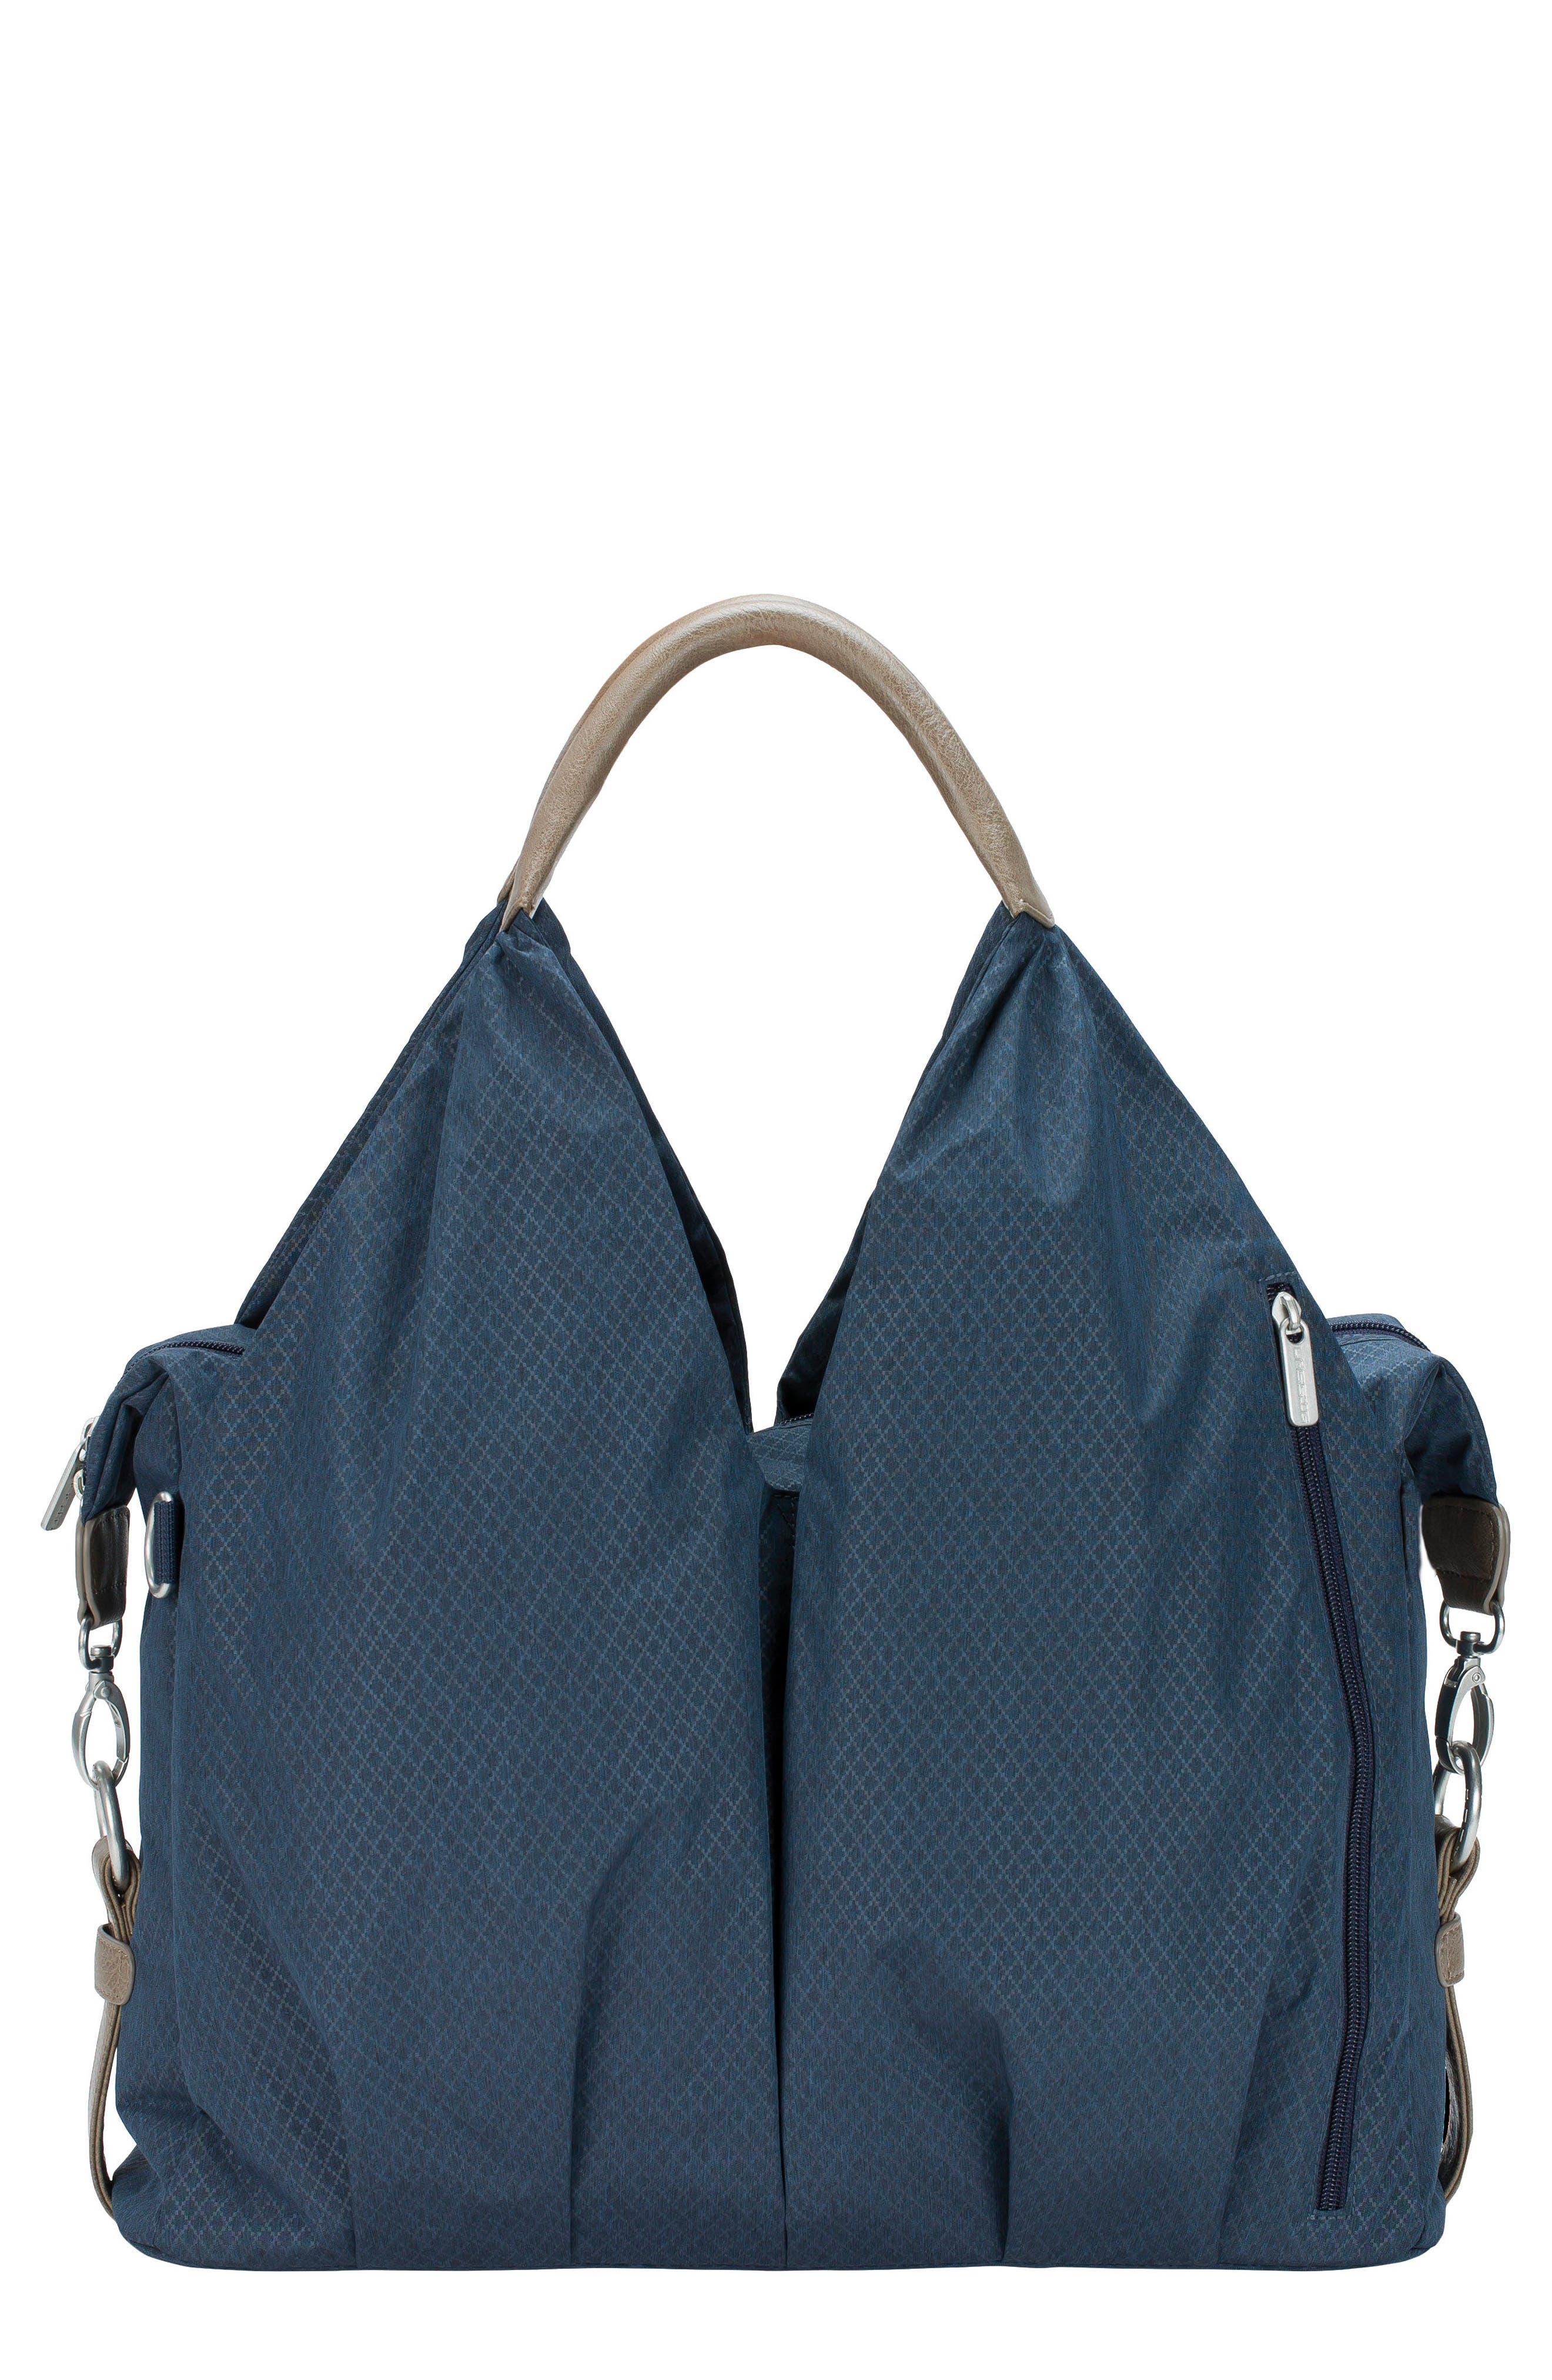 Infant Lassig Green Label  Neckline Diaper Bag  Blue